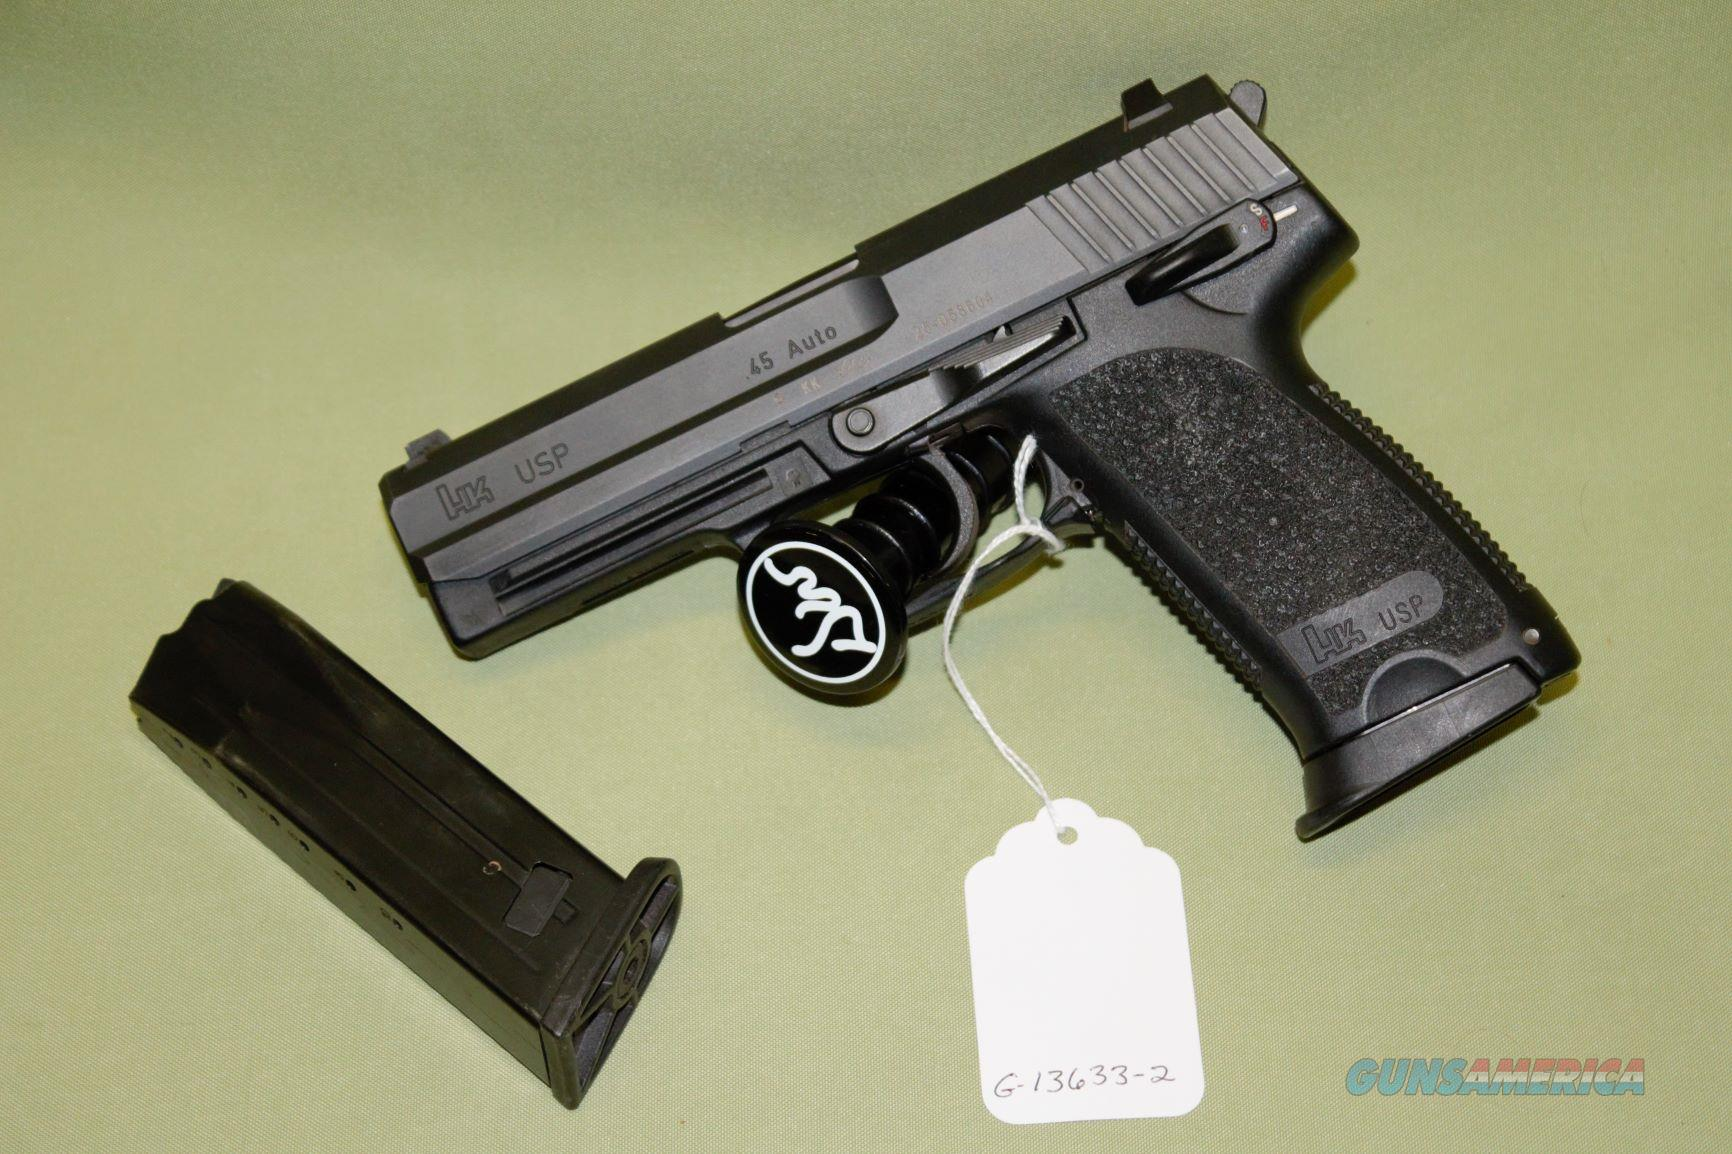 Heckler & Koch USP 45 ACP  Guns > Pistols > Heckler & Koch Pistols > Polymer Frame